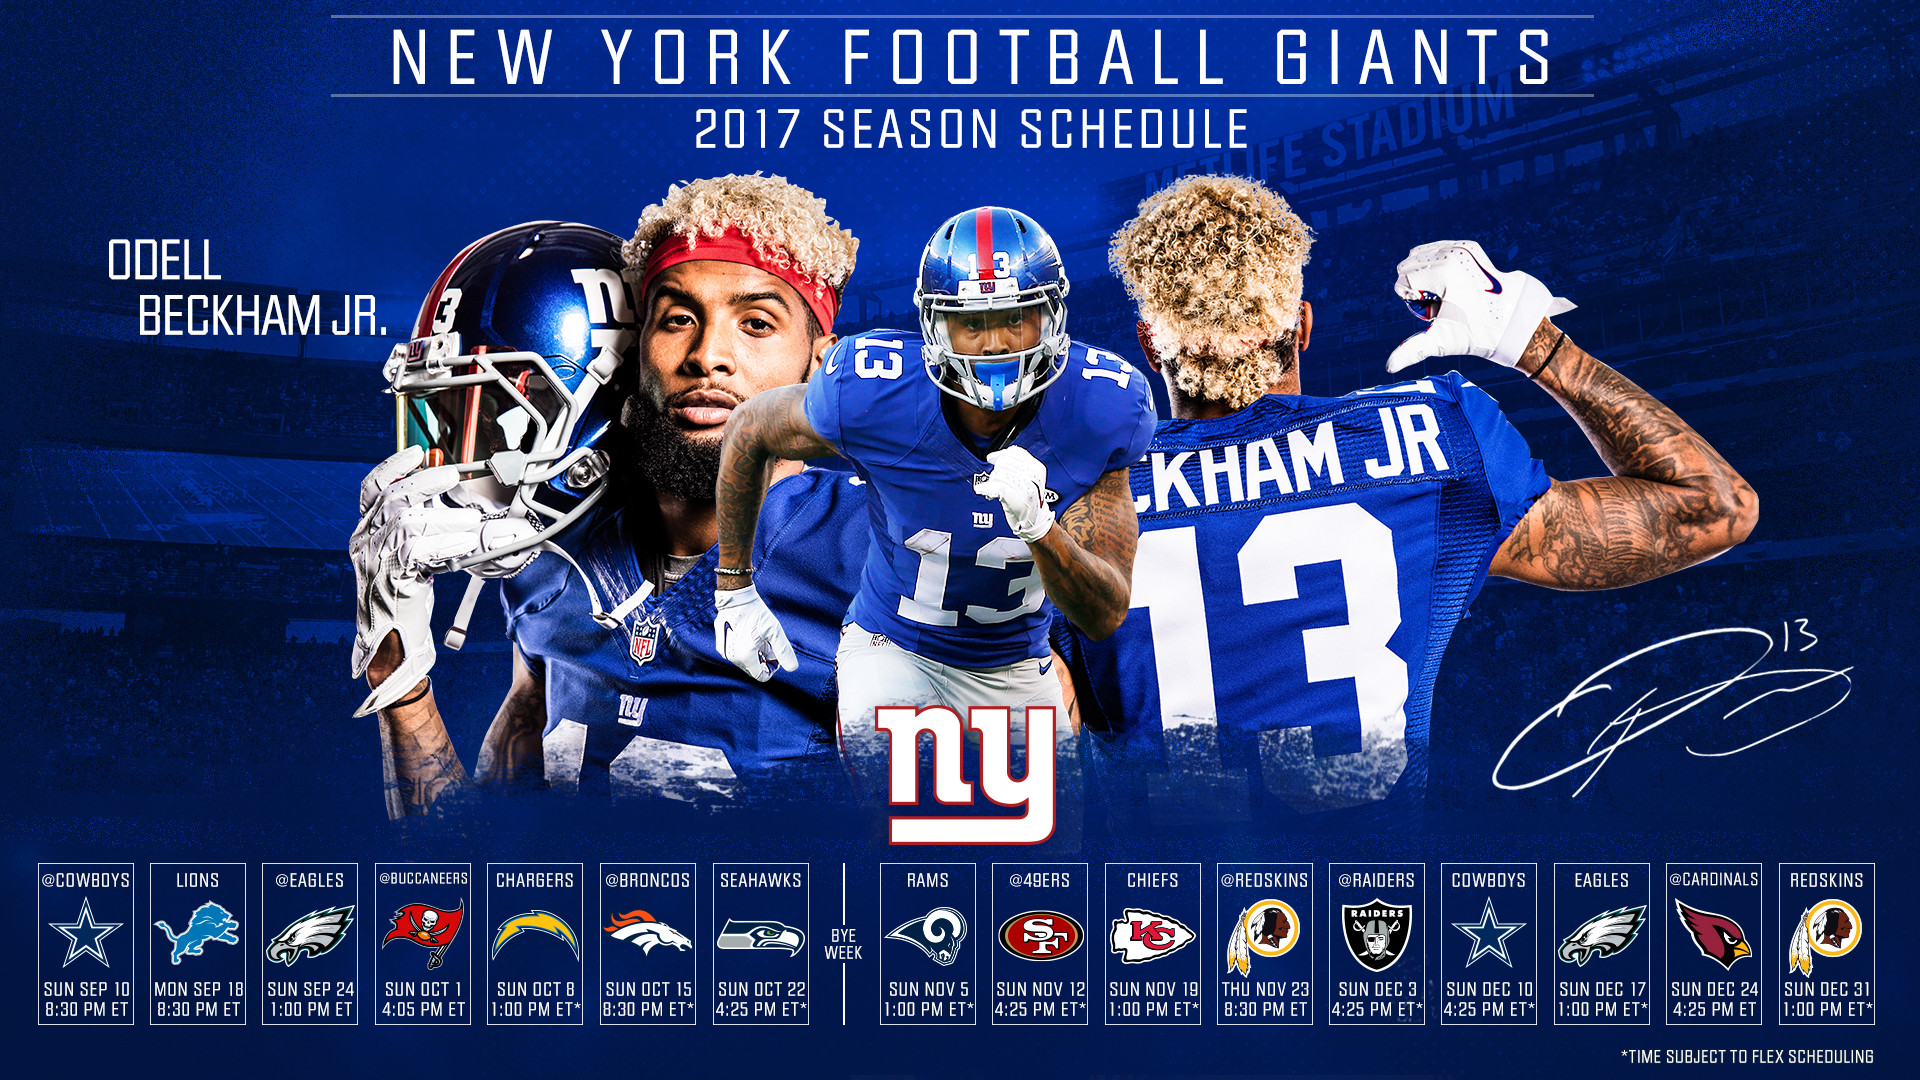 Download the Giants 2017 Schedule Wallpaper